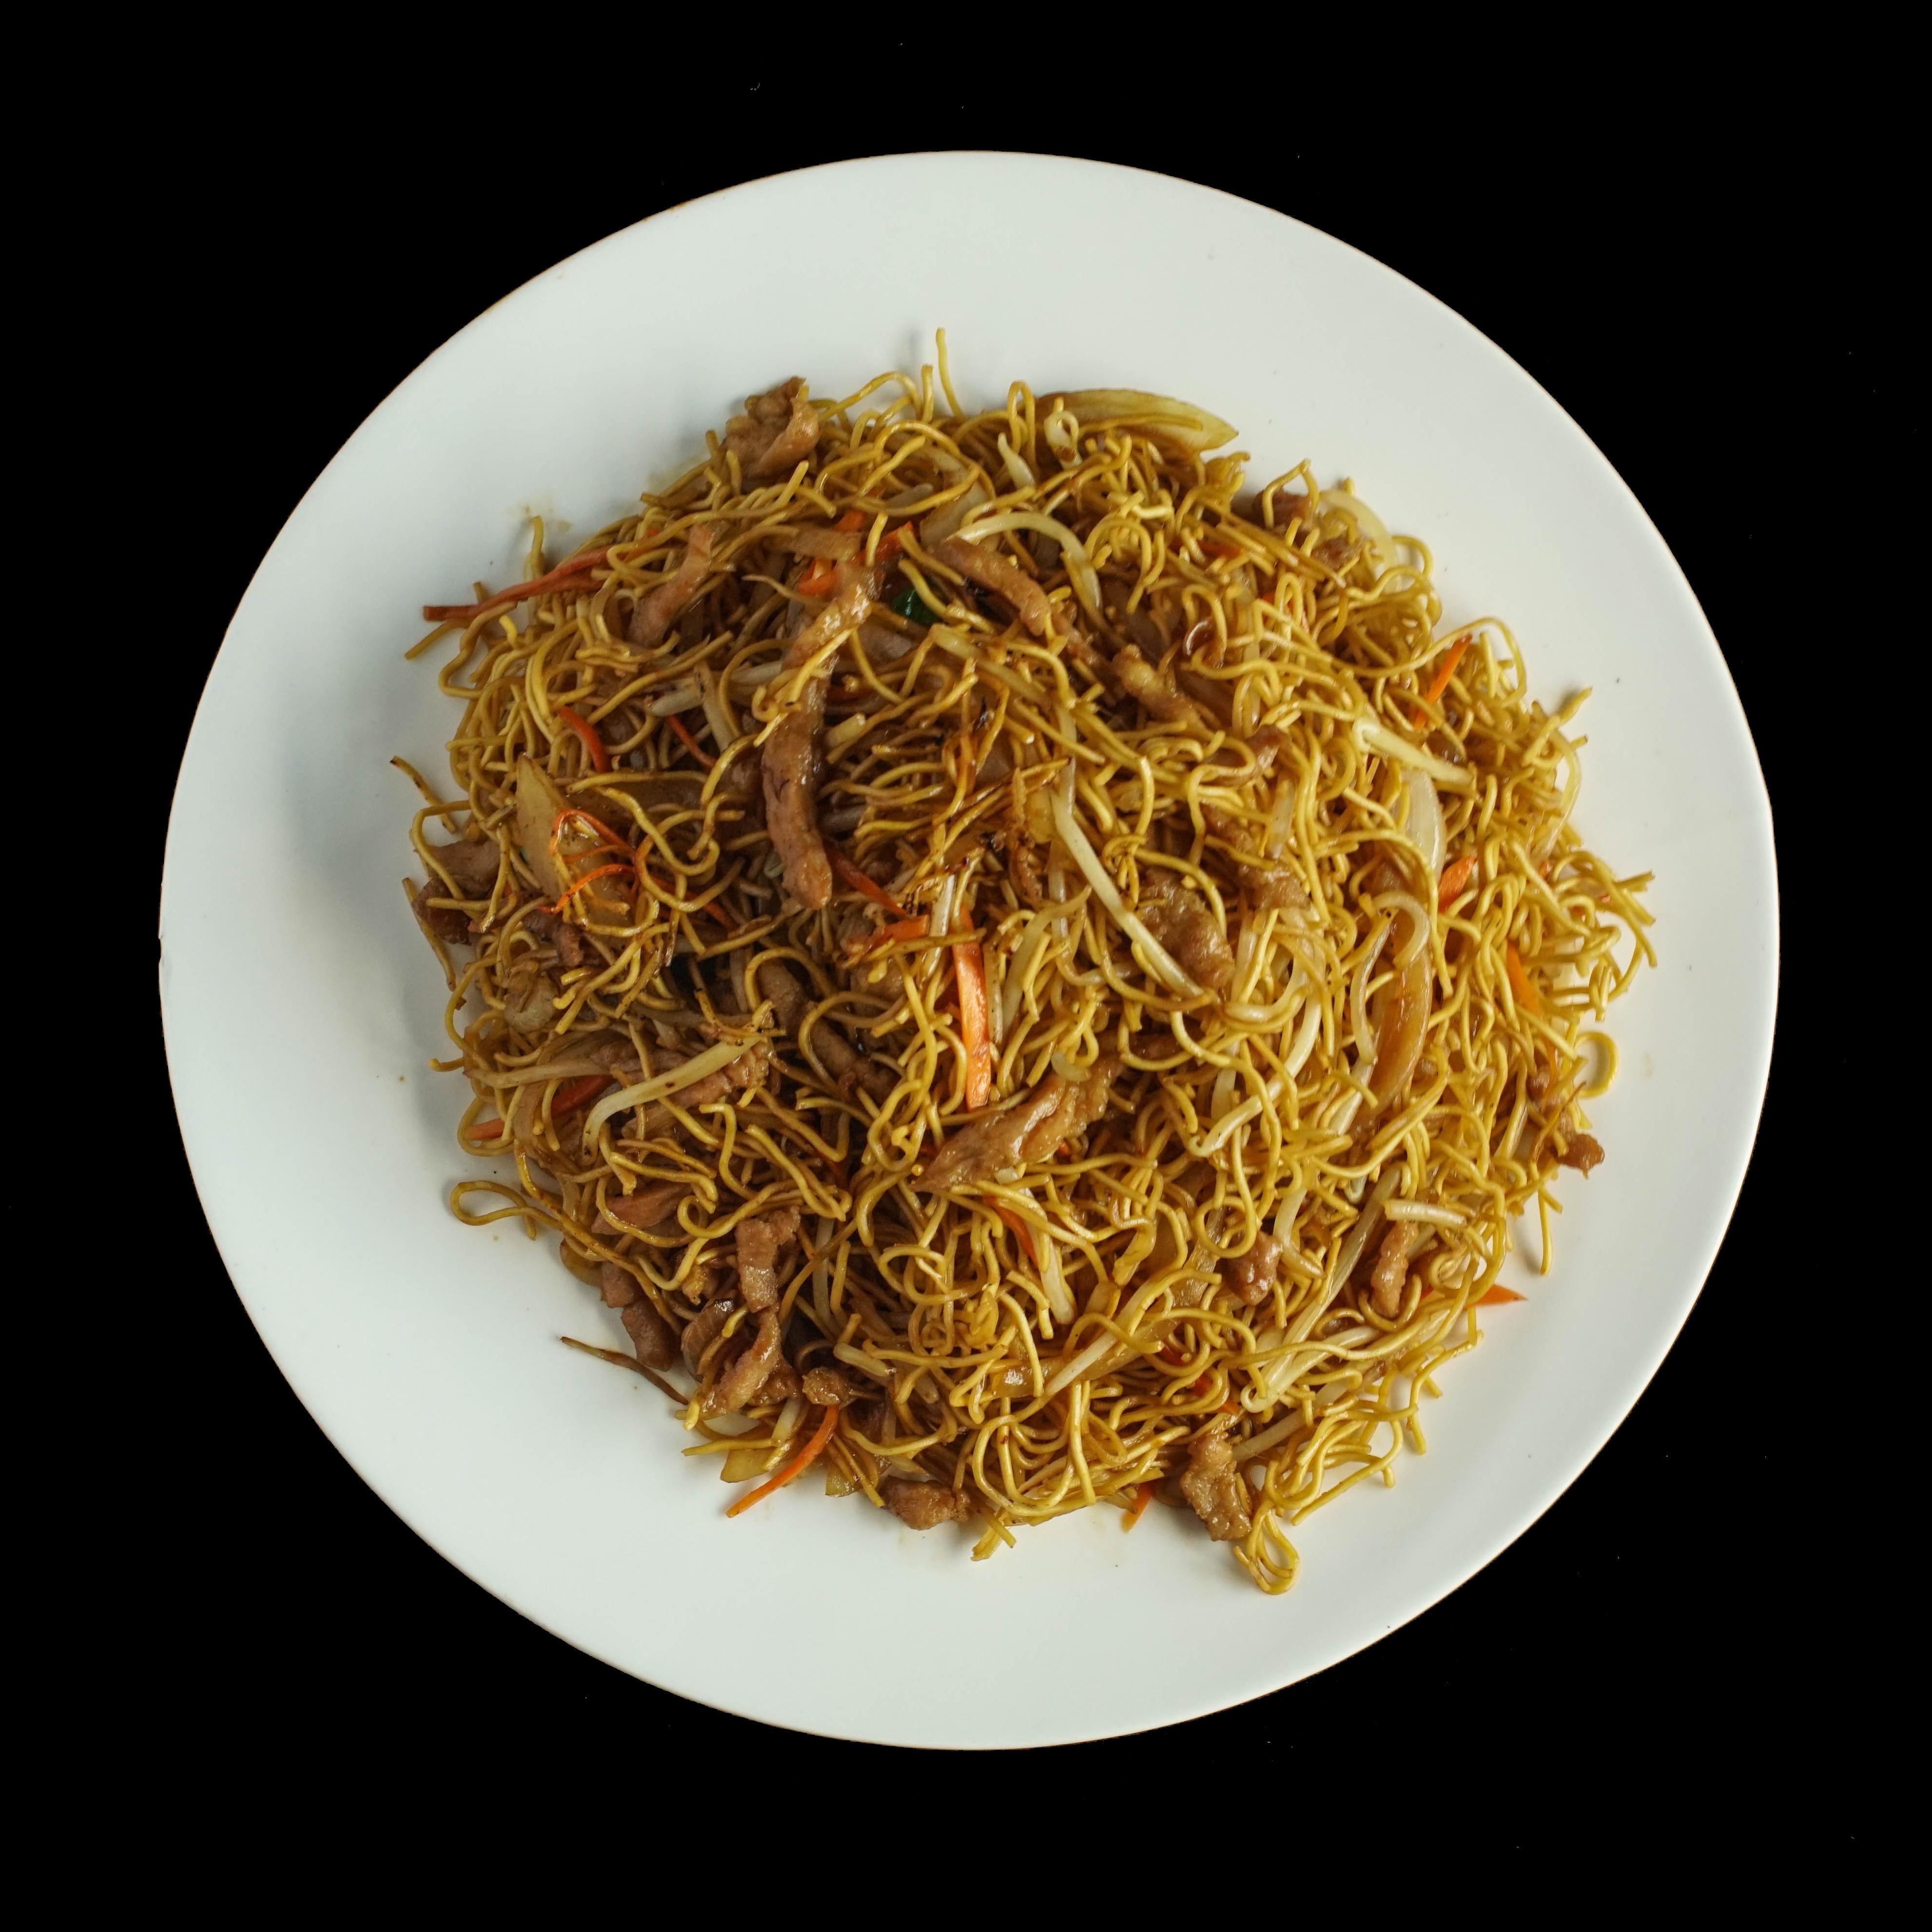 107. 细面 Thin Egg Noodle Image